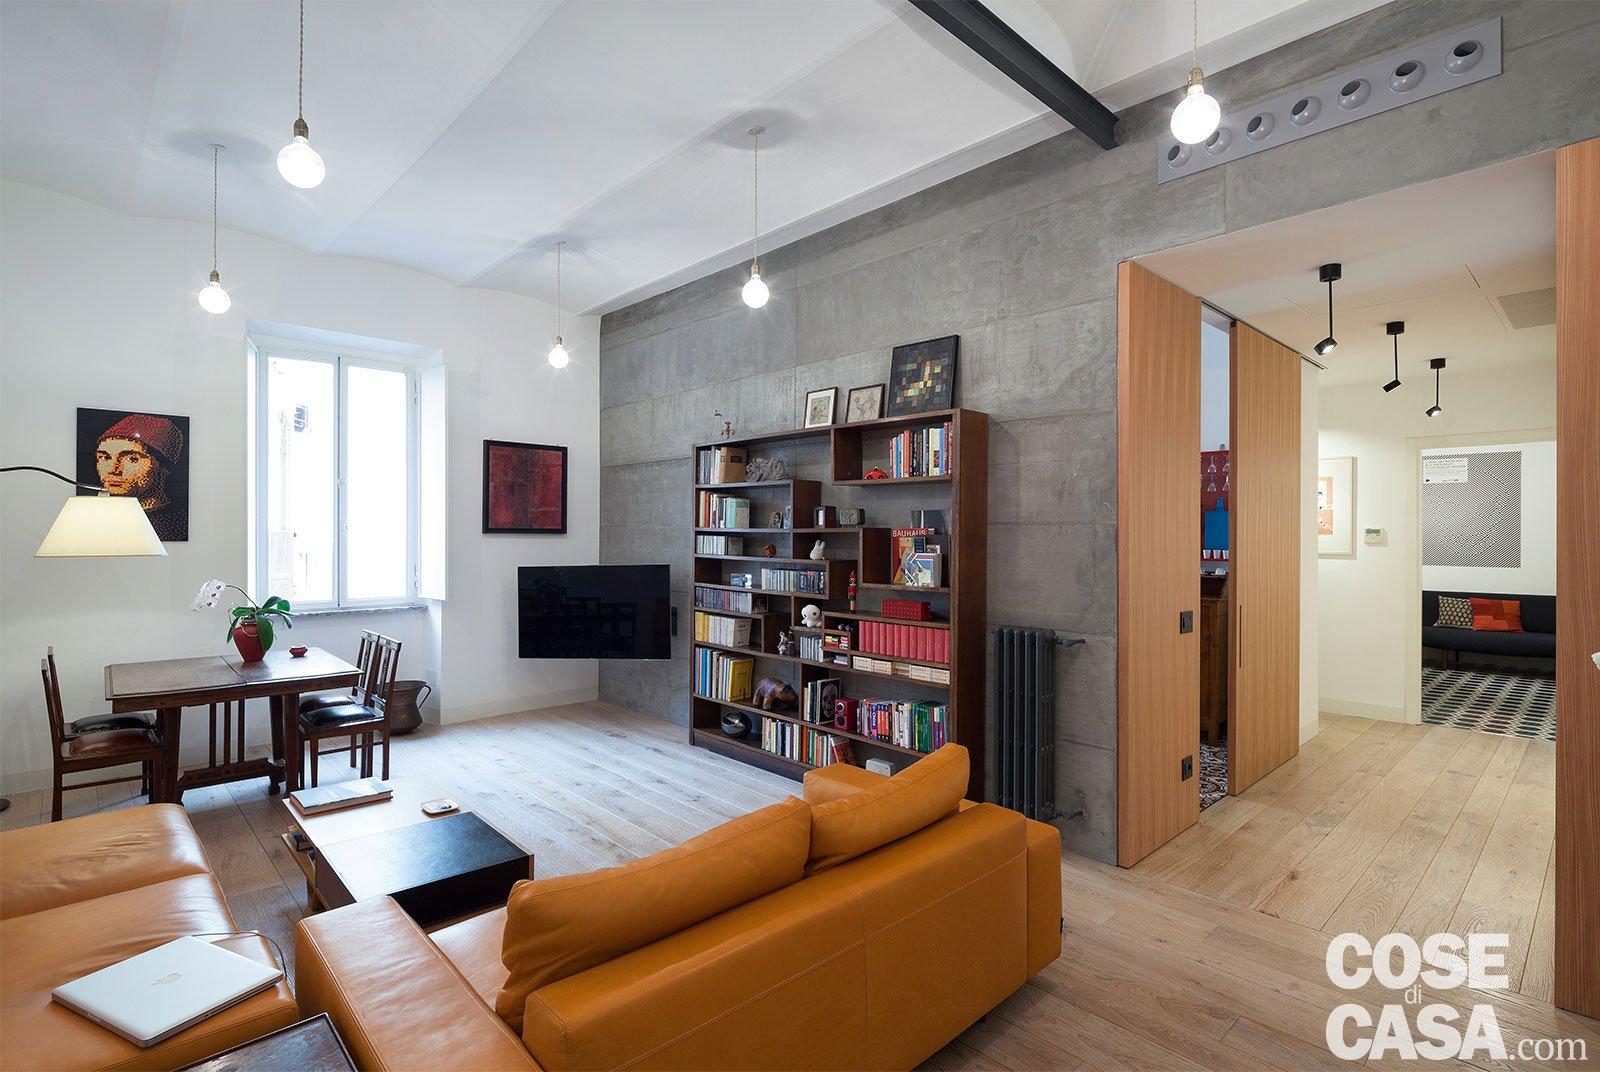 Mq rinnovati con piastrelle decor effetto cementina cose di casa